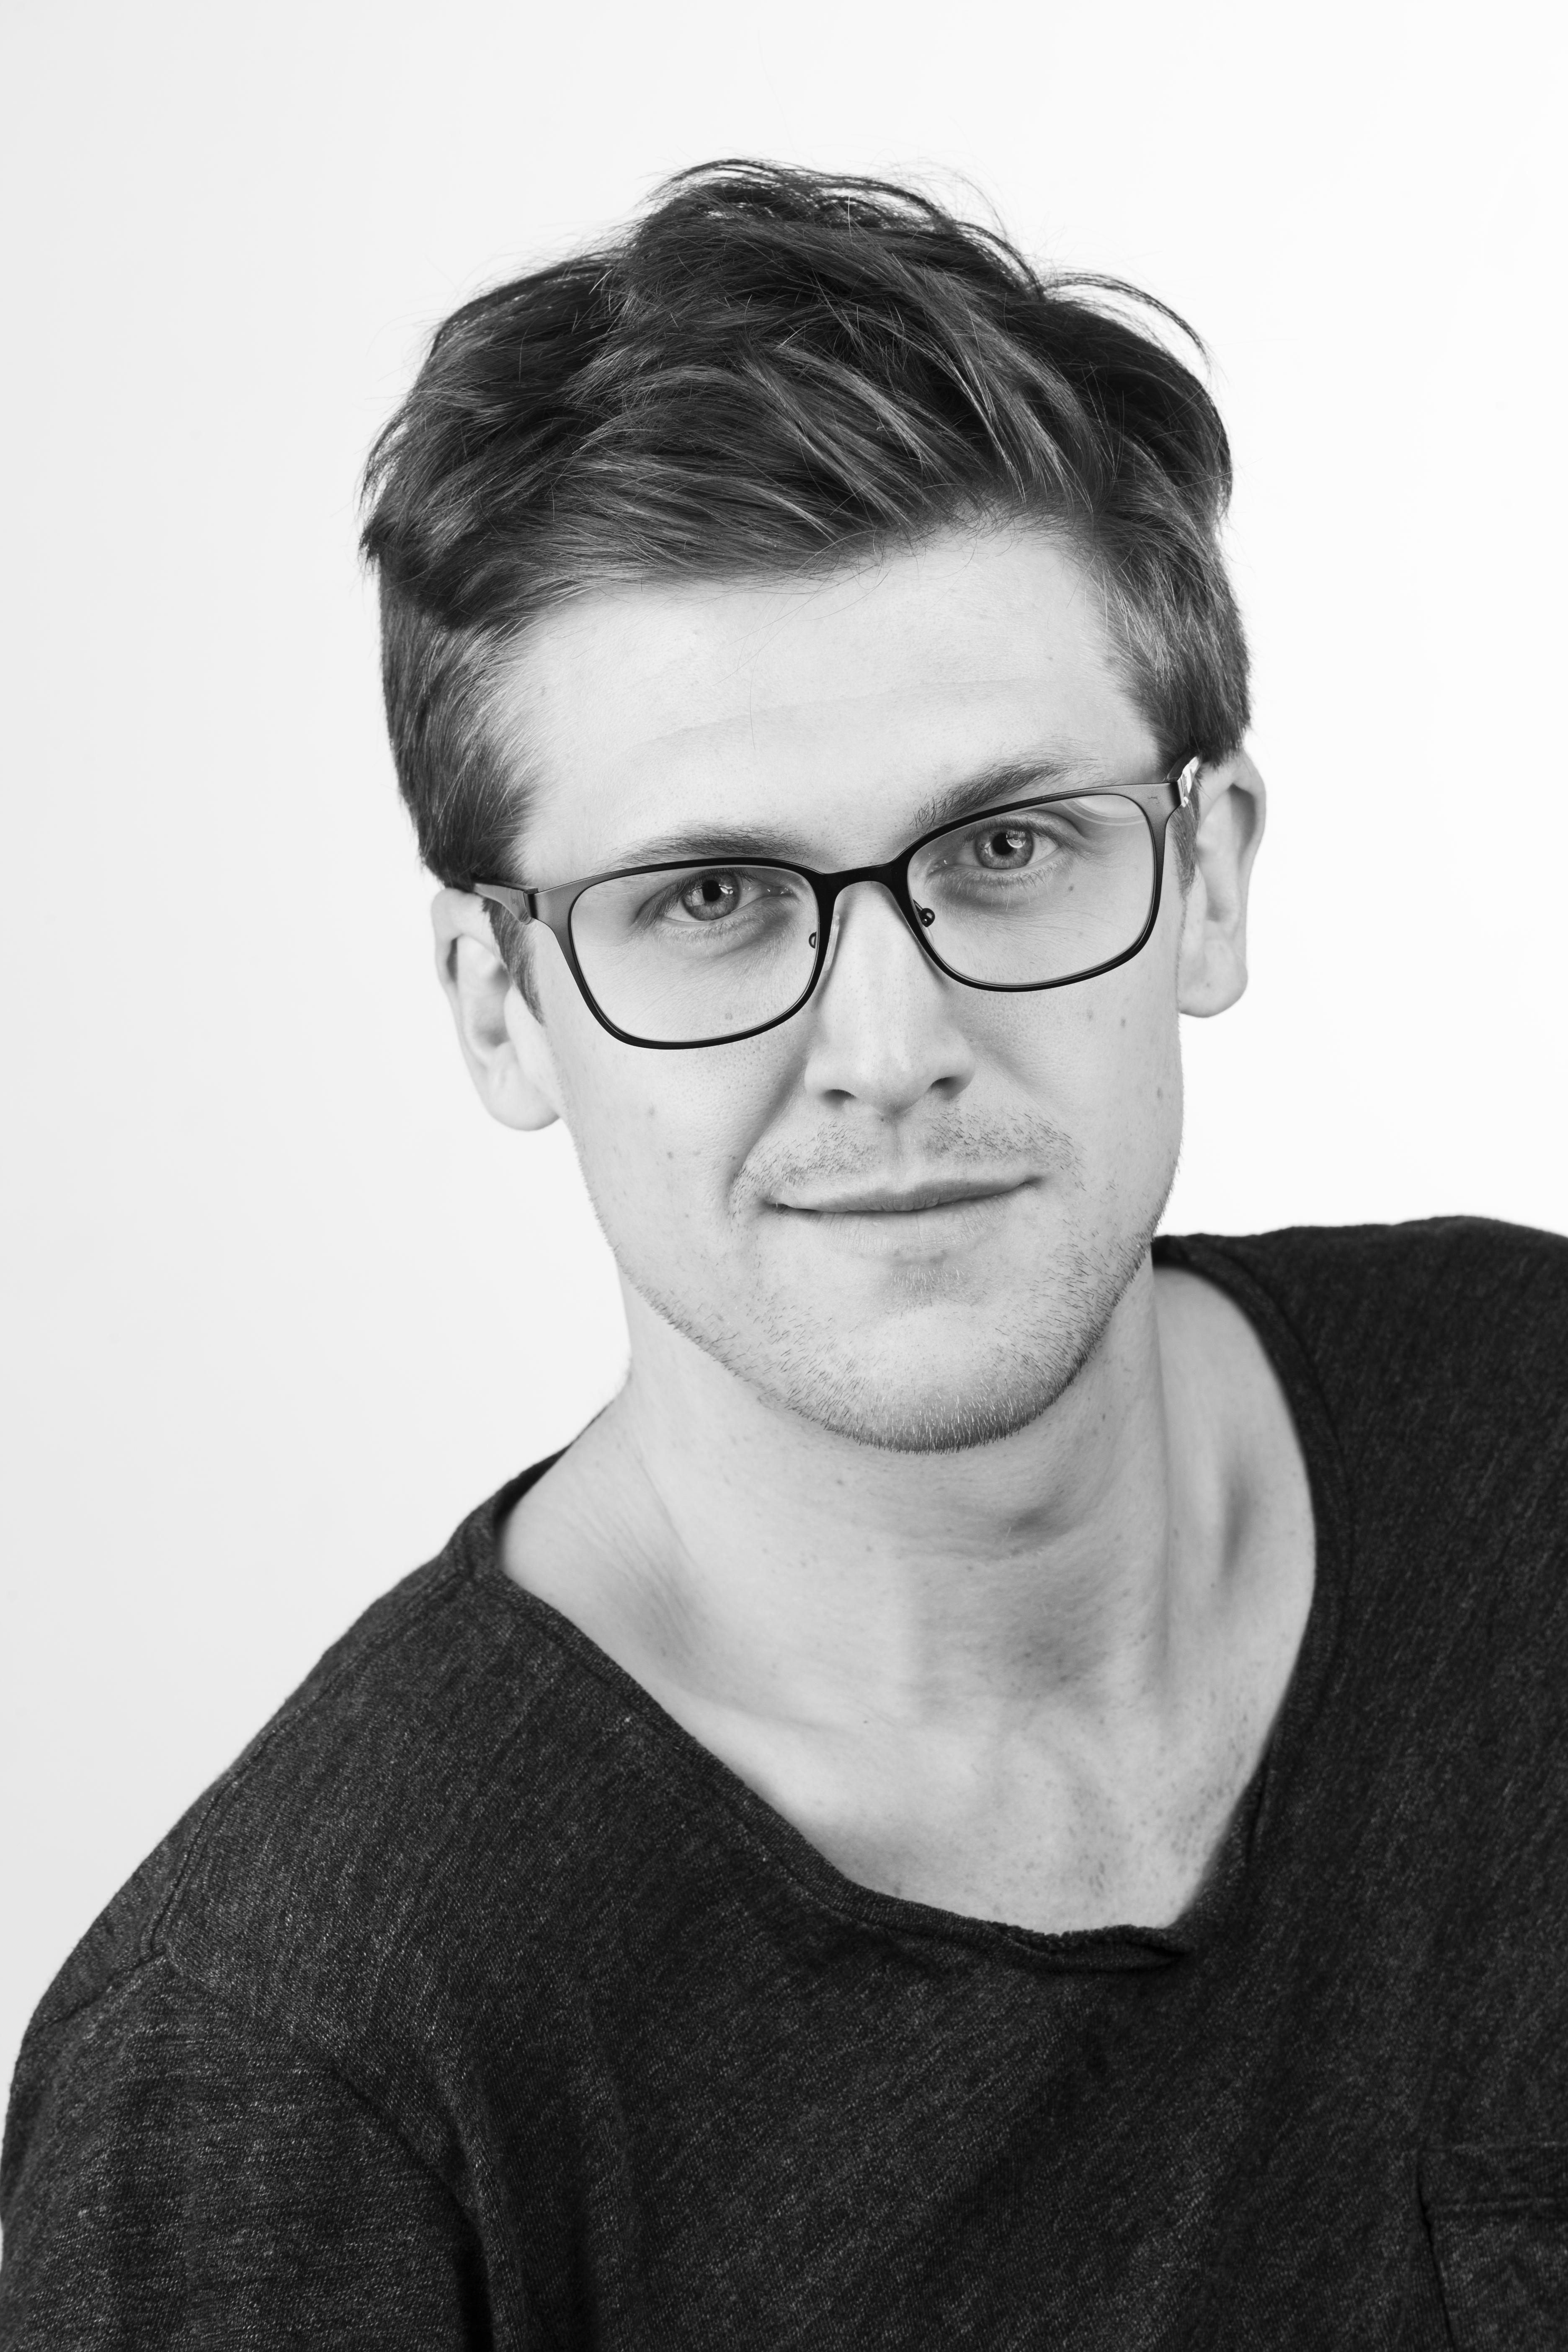 Magnus Landaas Skjervold